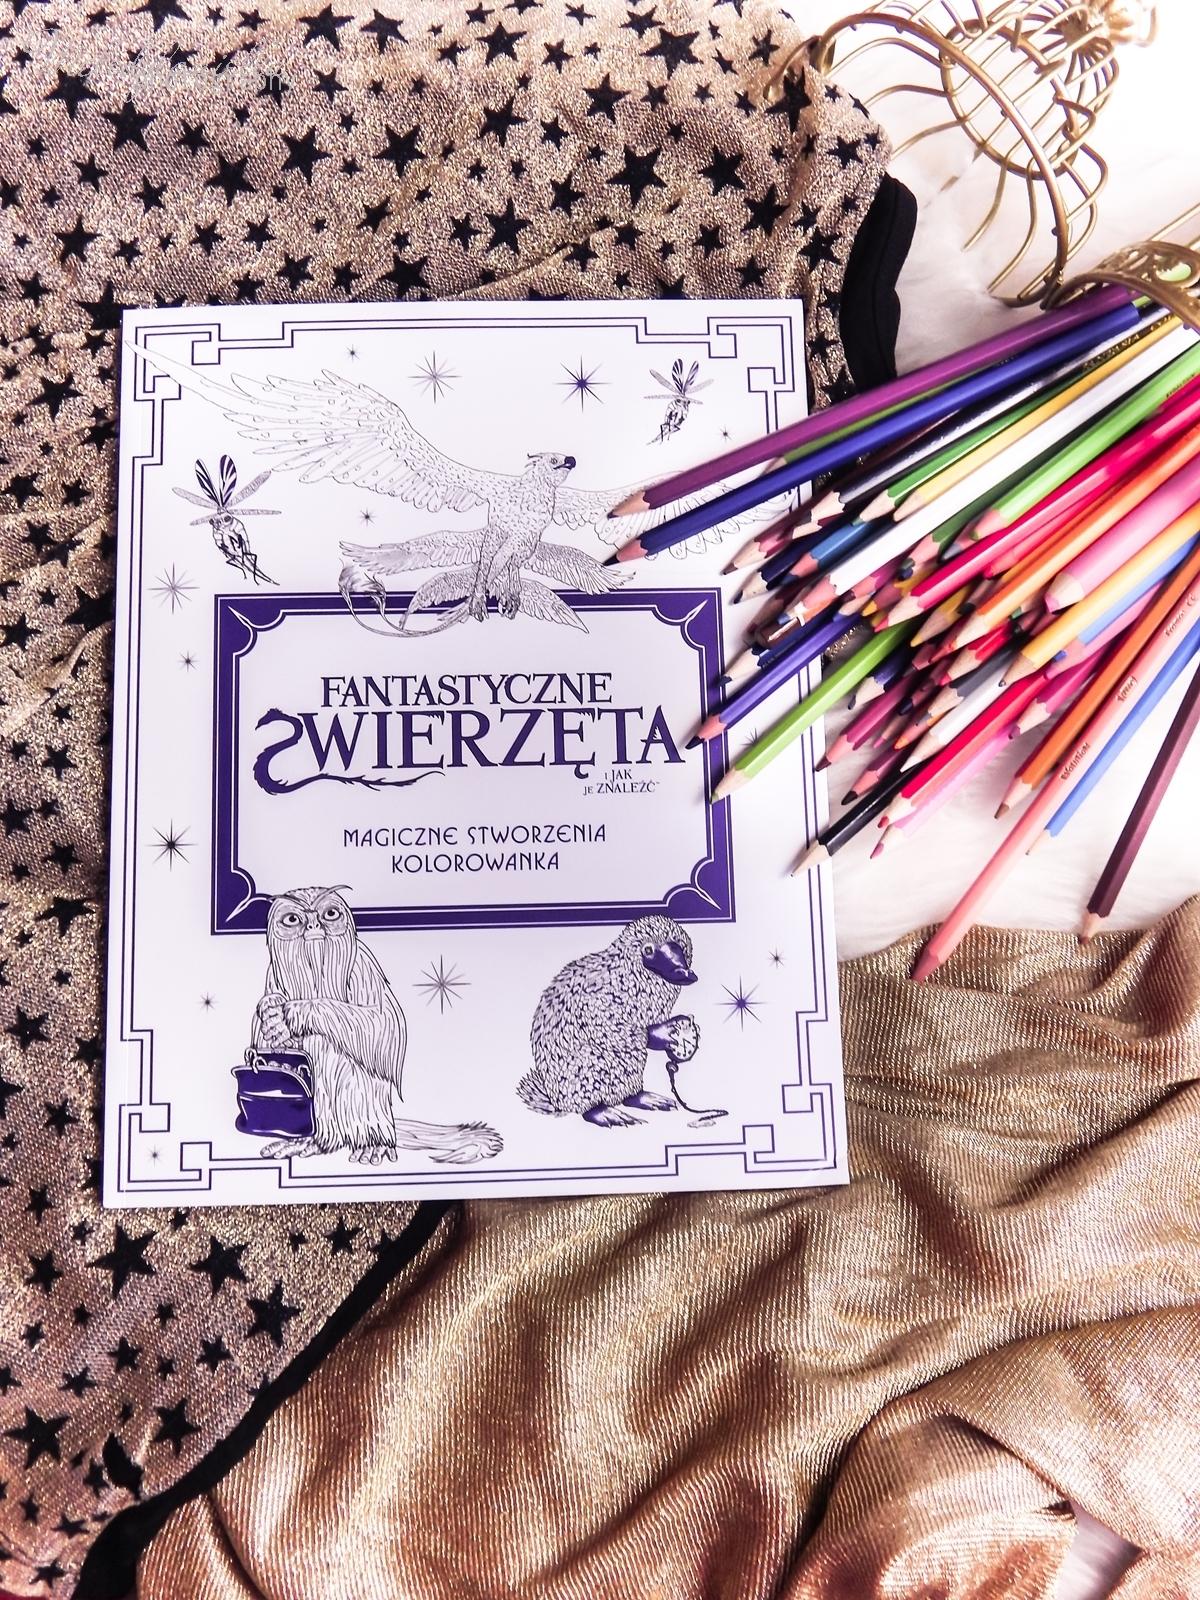 6 Konkurs ! Do wygrania 6 kolorowanek Fantastyczne zwierzęta i jak je znaleźć Magiczne zwierzęta kolorowanka oraz Magiczne miejsca i postacie kolorowanka. HarperCollins. Melodylaniella harry potter